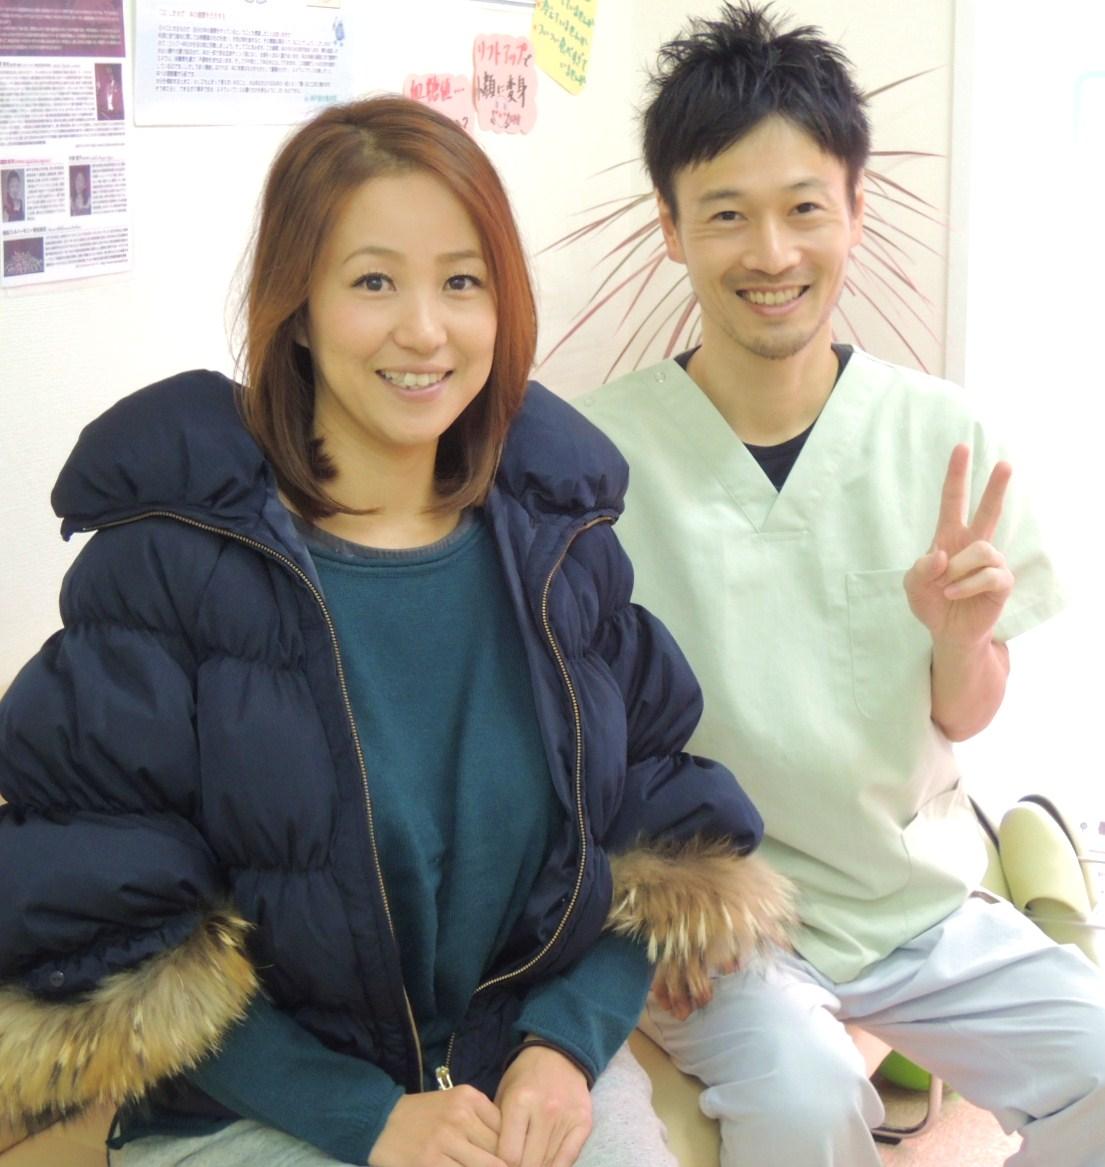 産後の骨盤矯正 神戸市垂水区 Sさま 神戸垂水整体院